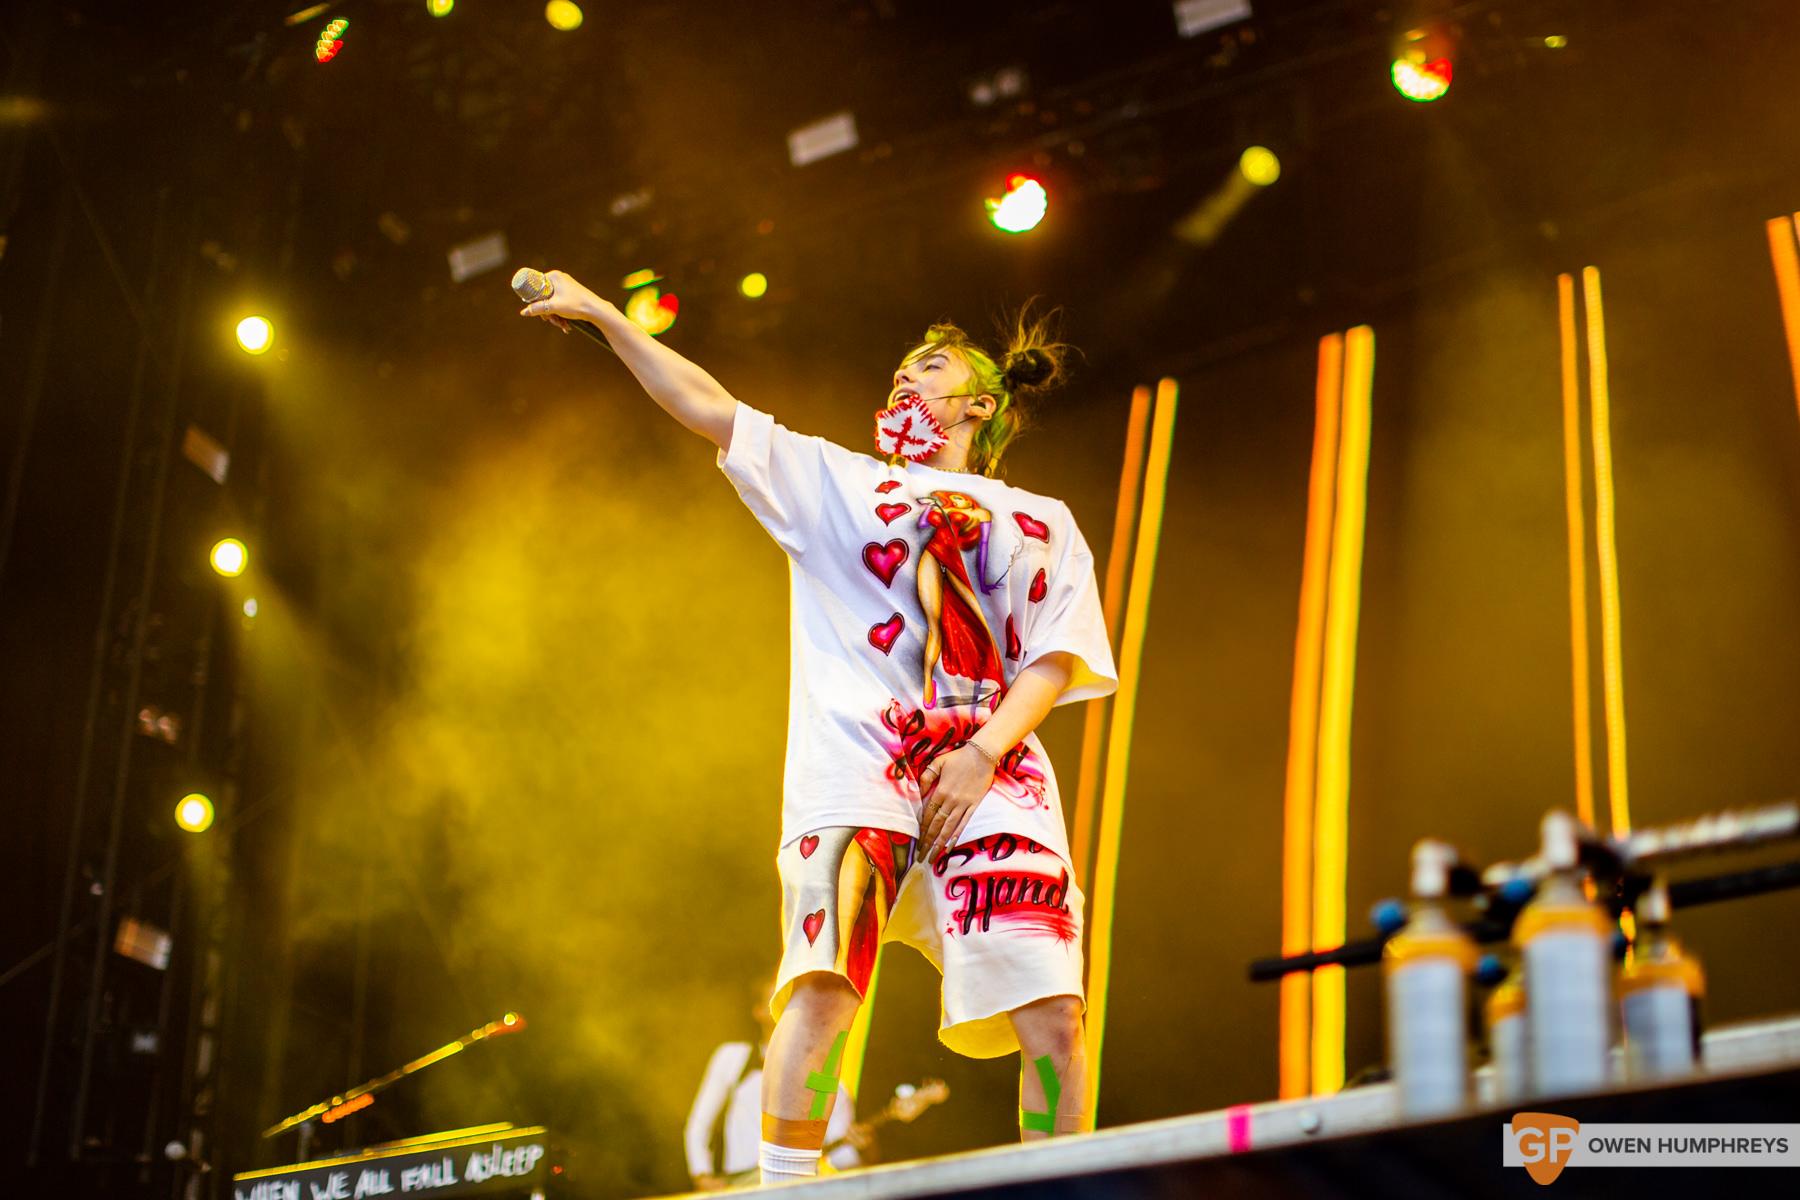 Billie Eilish at Electric Picnic 2019. Photo by Owen Humphreys. www.owen.ie